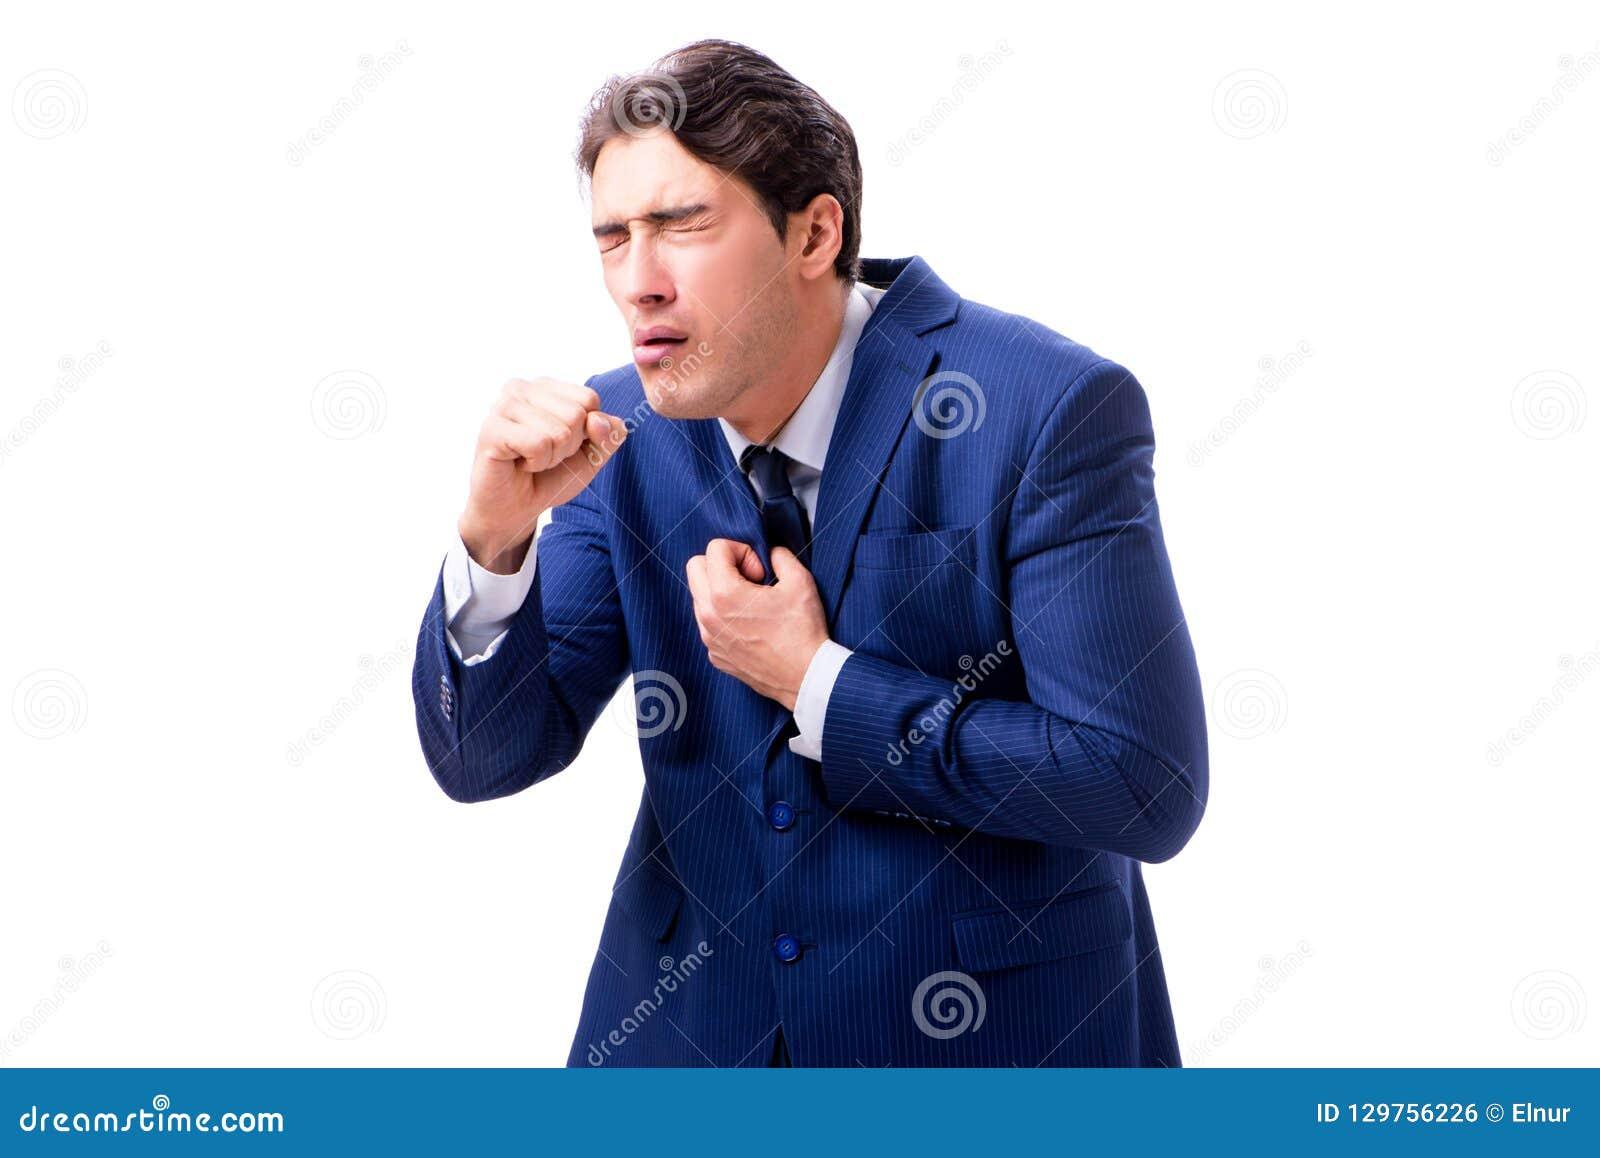 Ο άρρωστος και δυστυχισμένος επιχειρηματίας που απομονώνεται στο άσπρο υπόβαθρο